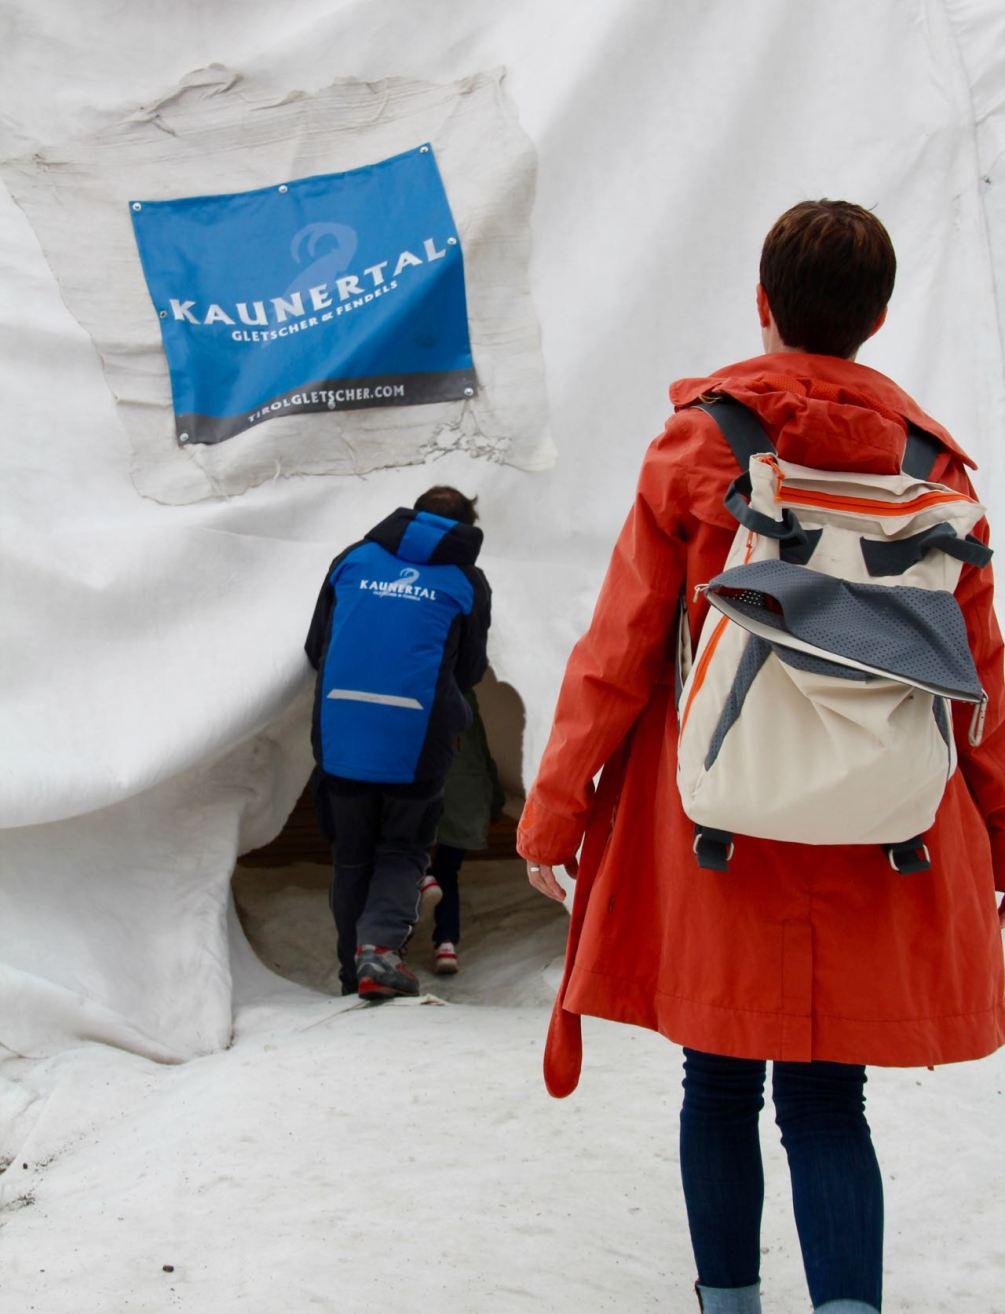 Das Kühlfach vom Strandrucksack wird auf dem Gletscher kurzerhand zum Isolierfach für heißen Tee.